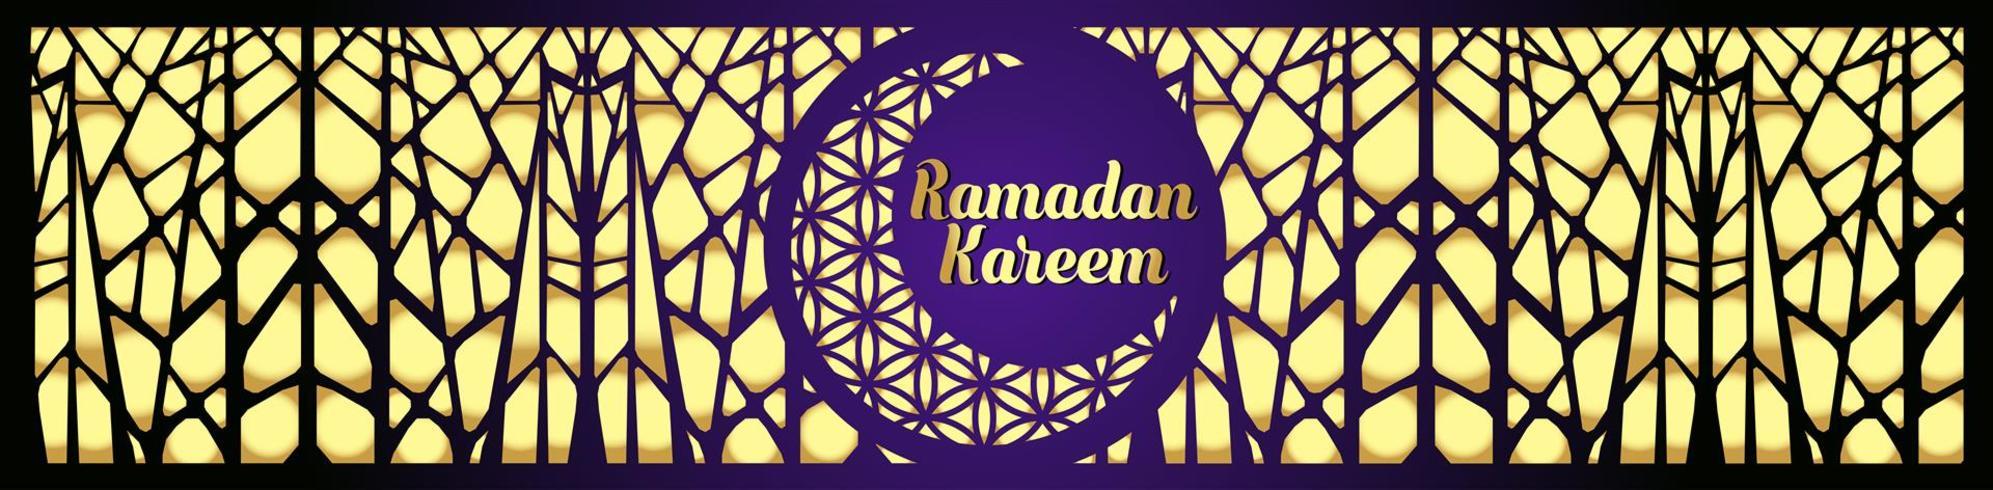 Ramadan Kareem islamisk hälsning design med lykta och kalligrafi. vektor